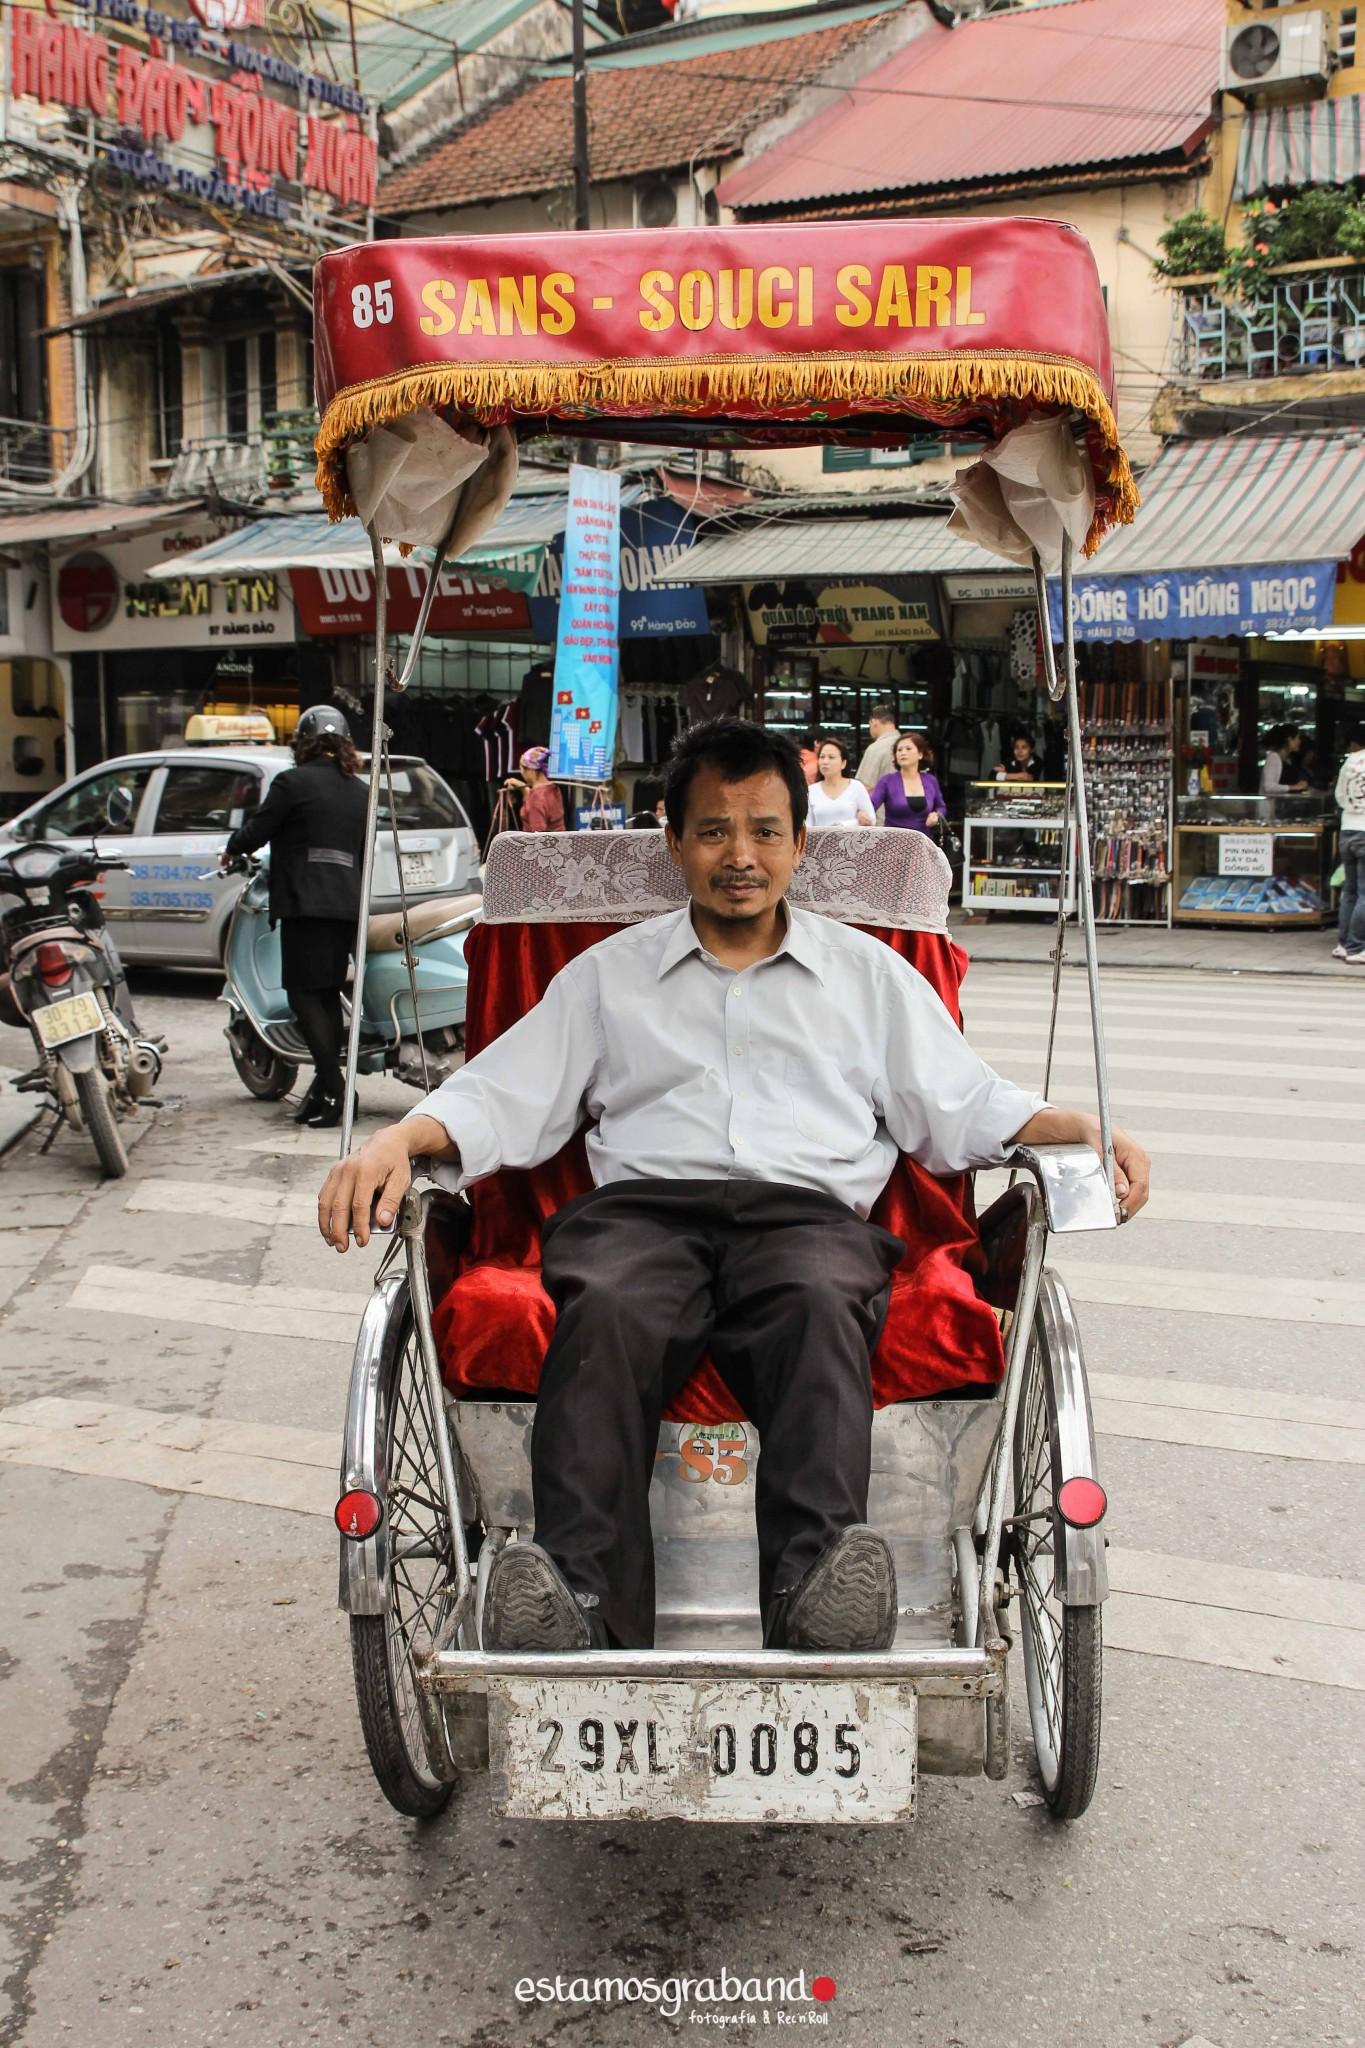 reportaje-vietnam_fotograficc81a-vietnam_estamosgrabando-vietnam_rutasvietnam_reportaje-retratos-fotos-vietnam_fotografia-vietnam_reportaje-estamosgrabando-fotograficc81a-vietnam-78 Pequeños grandes recuerdos de Vietnam en 100 imágenes - video boda cadiz